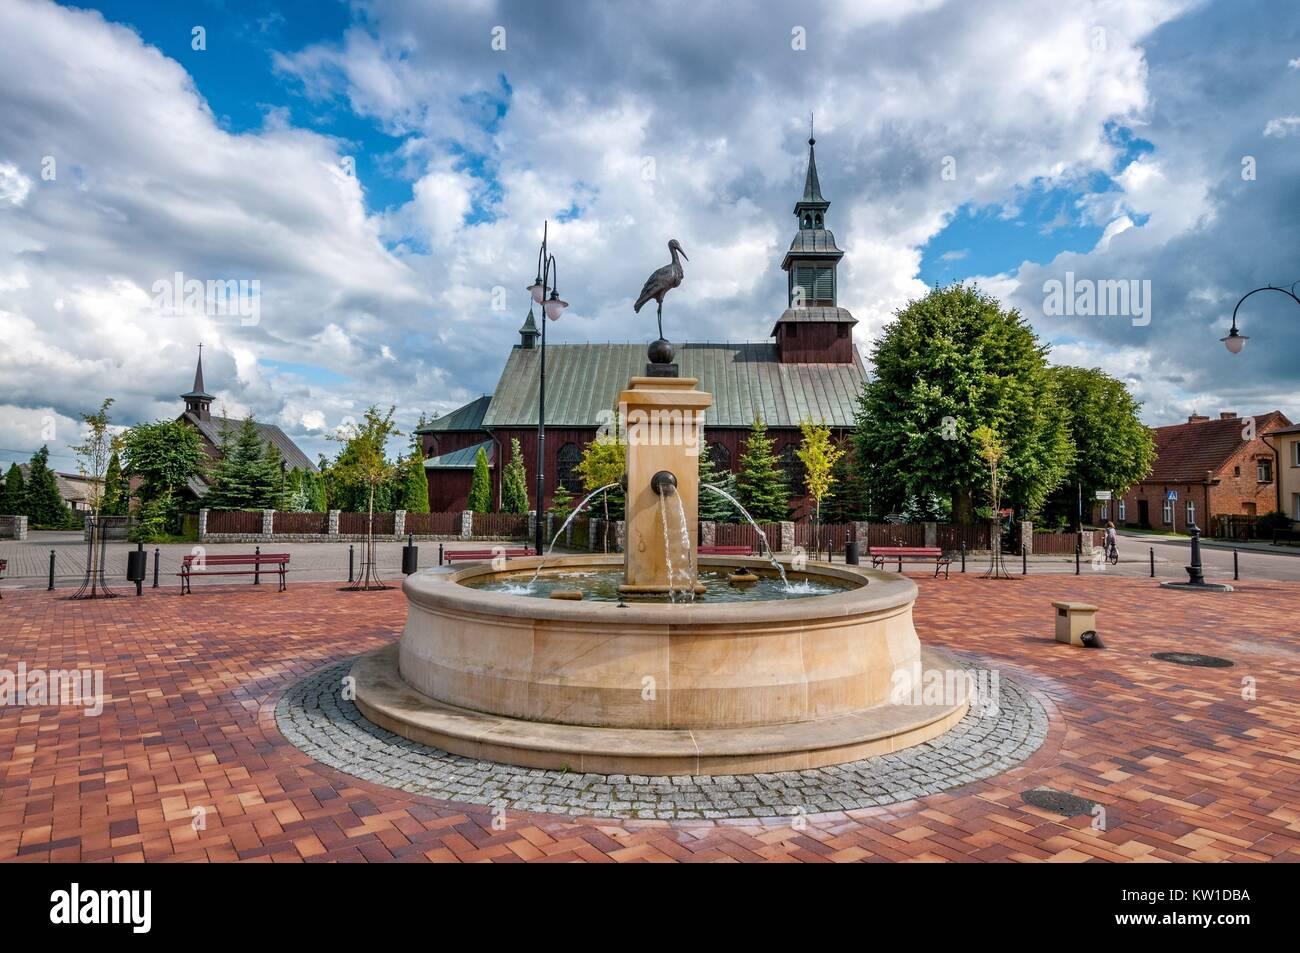 St. John square. Karsin, Pomeranian Voivodeship, Poland. - Stock Image